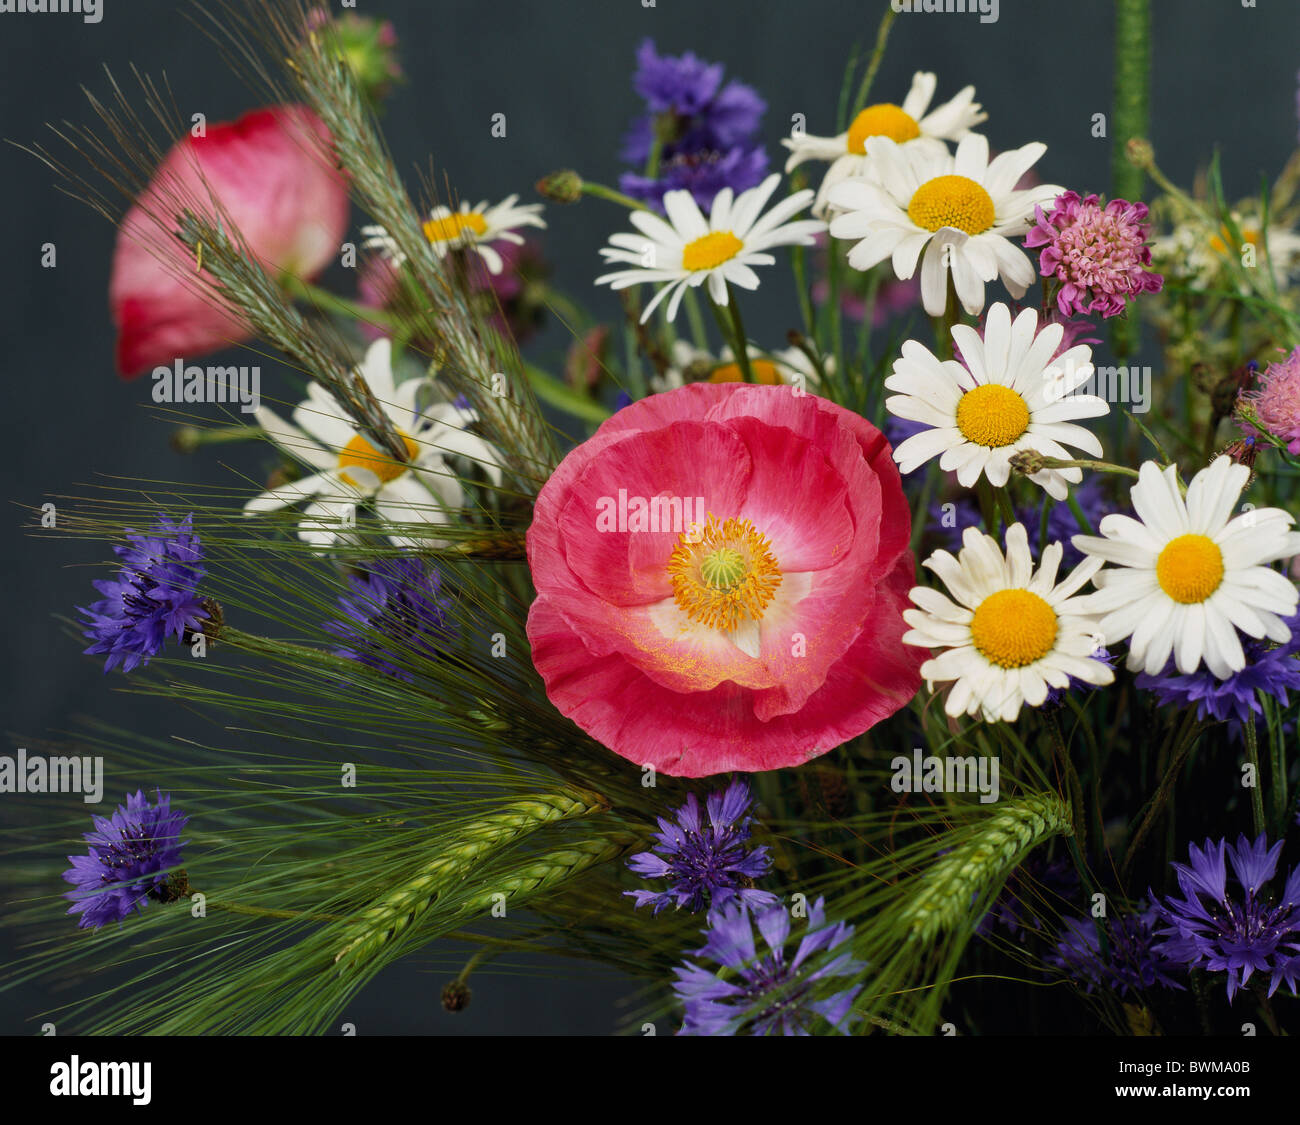 Flowers Bouquet Meadow Flowers Cornflowers Corn Poppy